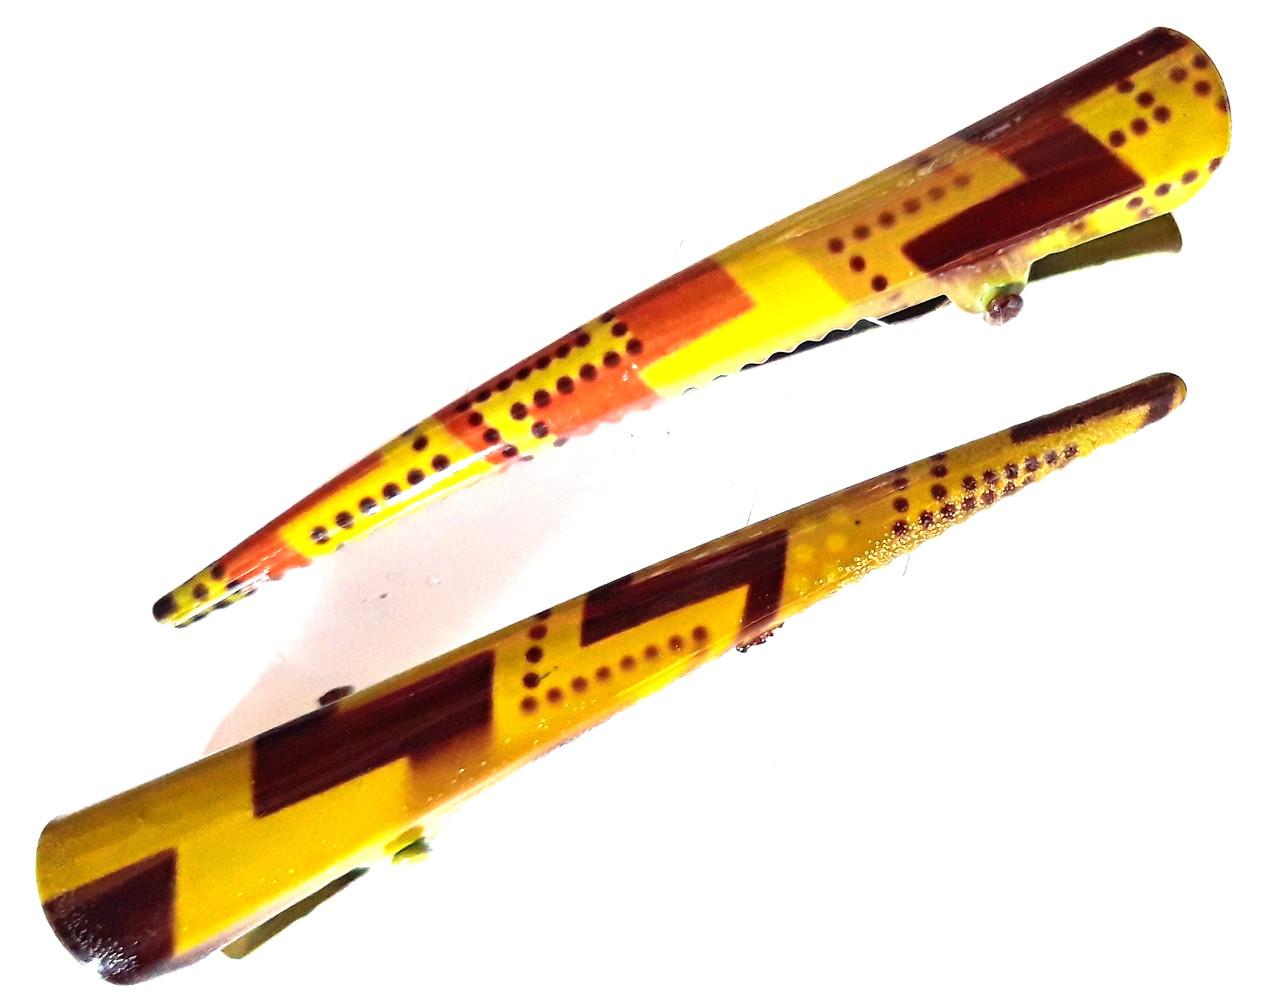 Заколка для волос стрела 8 см металл 2 шт желтые